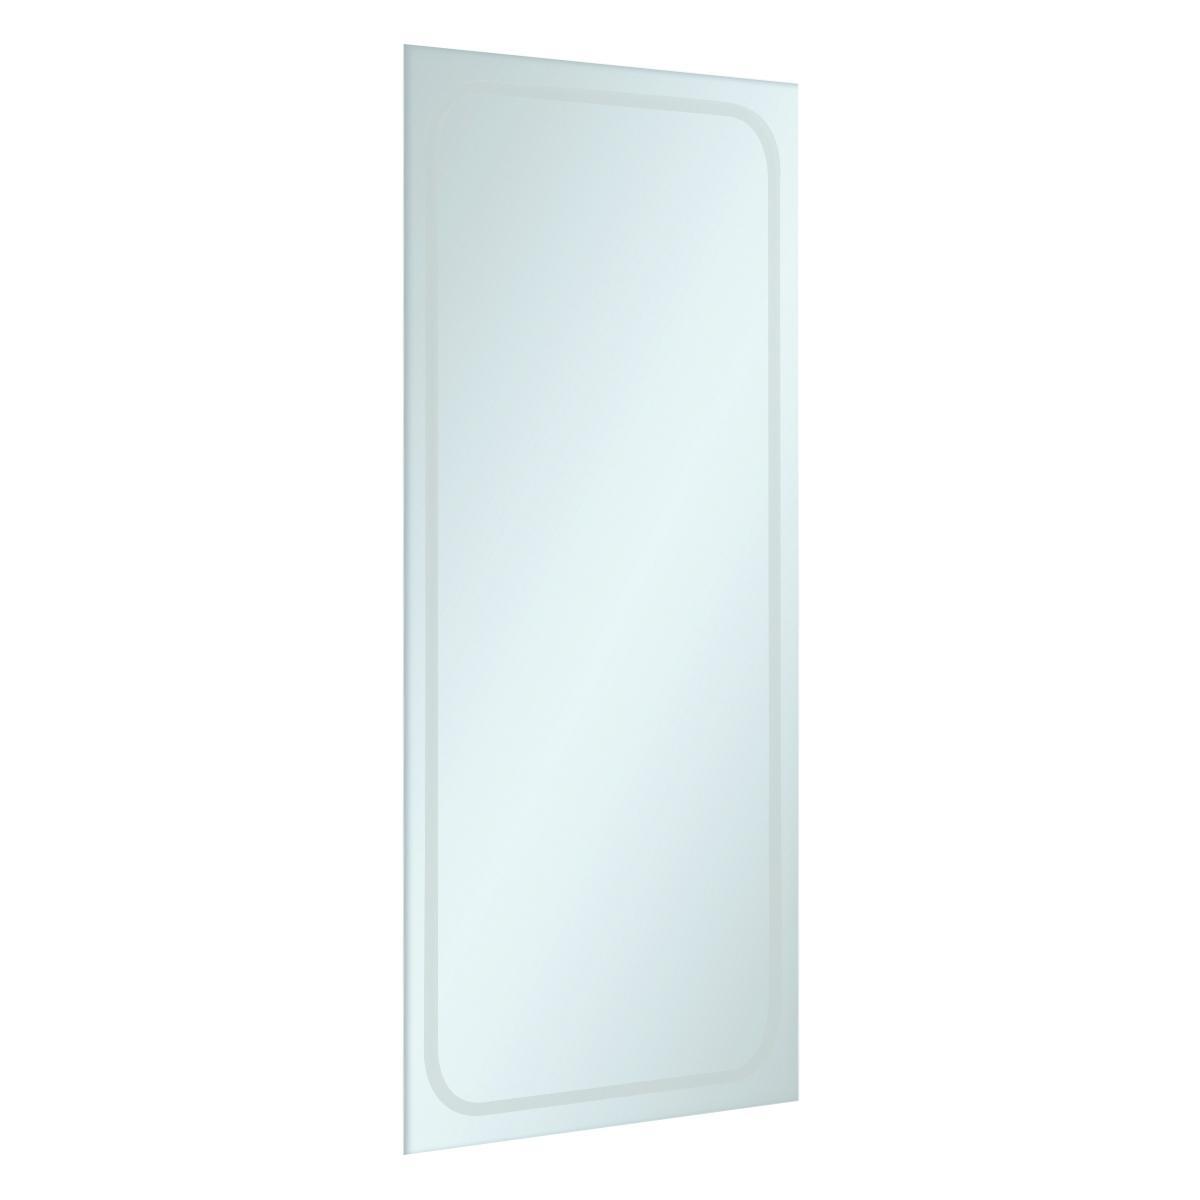 Espejo Bela Pulido Brillante 4MM